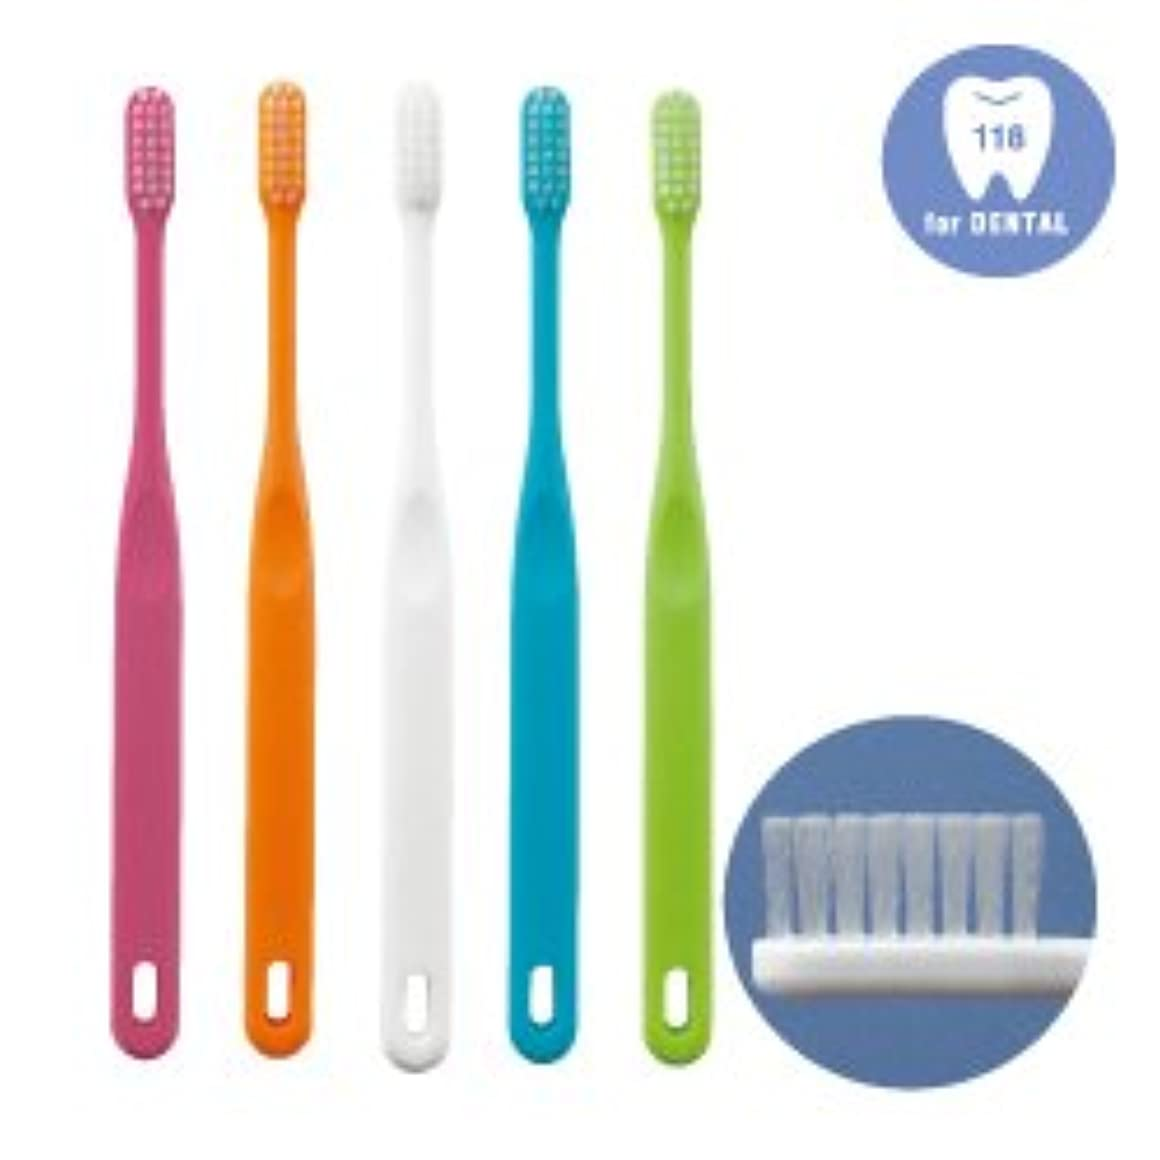 彫刻ミュートサドル歯科専用歯ブラシ「118シリーズ」Advance(アドバンス)M(ふつう)25本